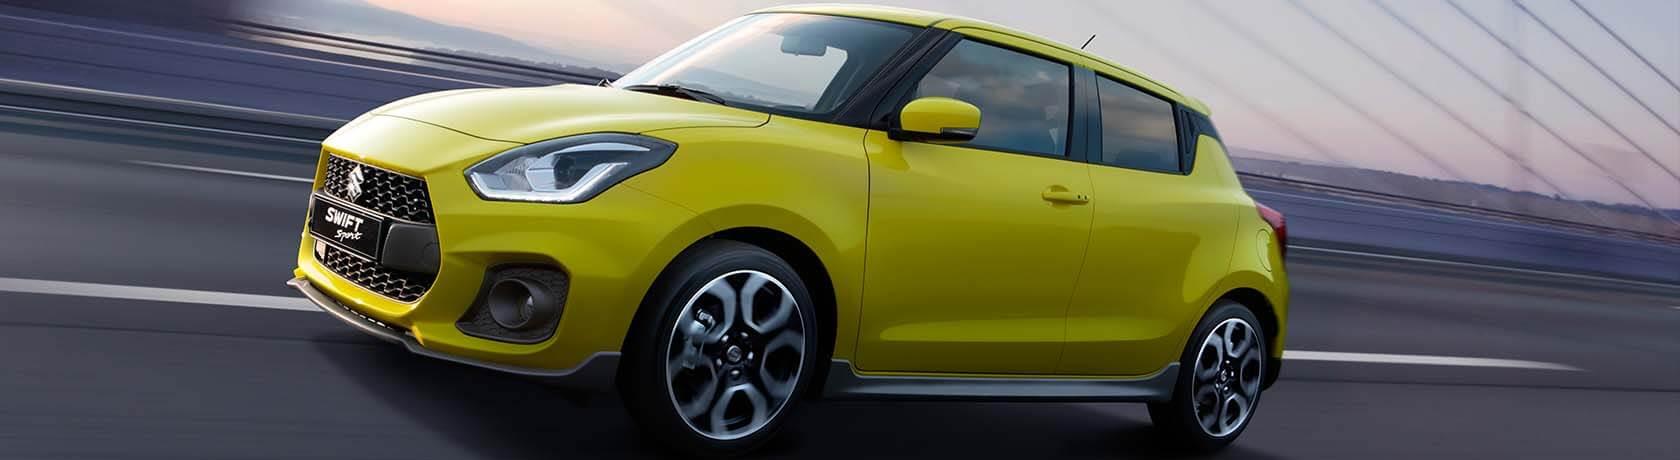 New Swift Sport for sale in Brisbane - Q Suzuki